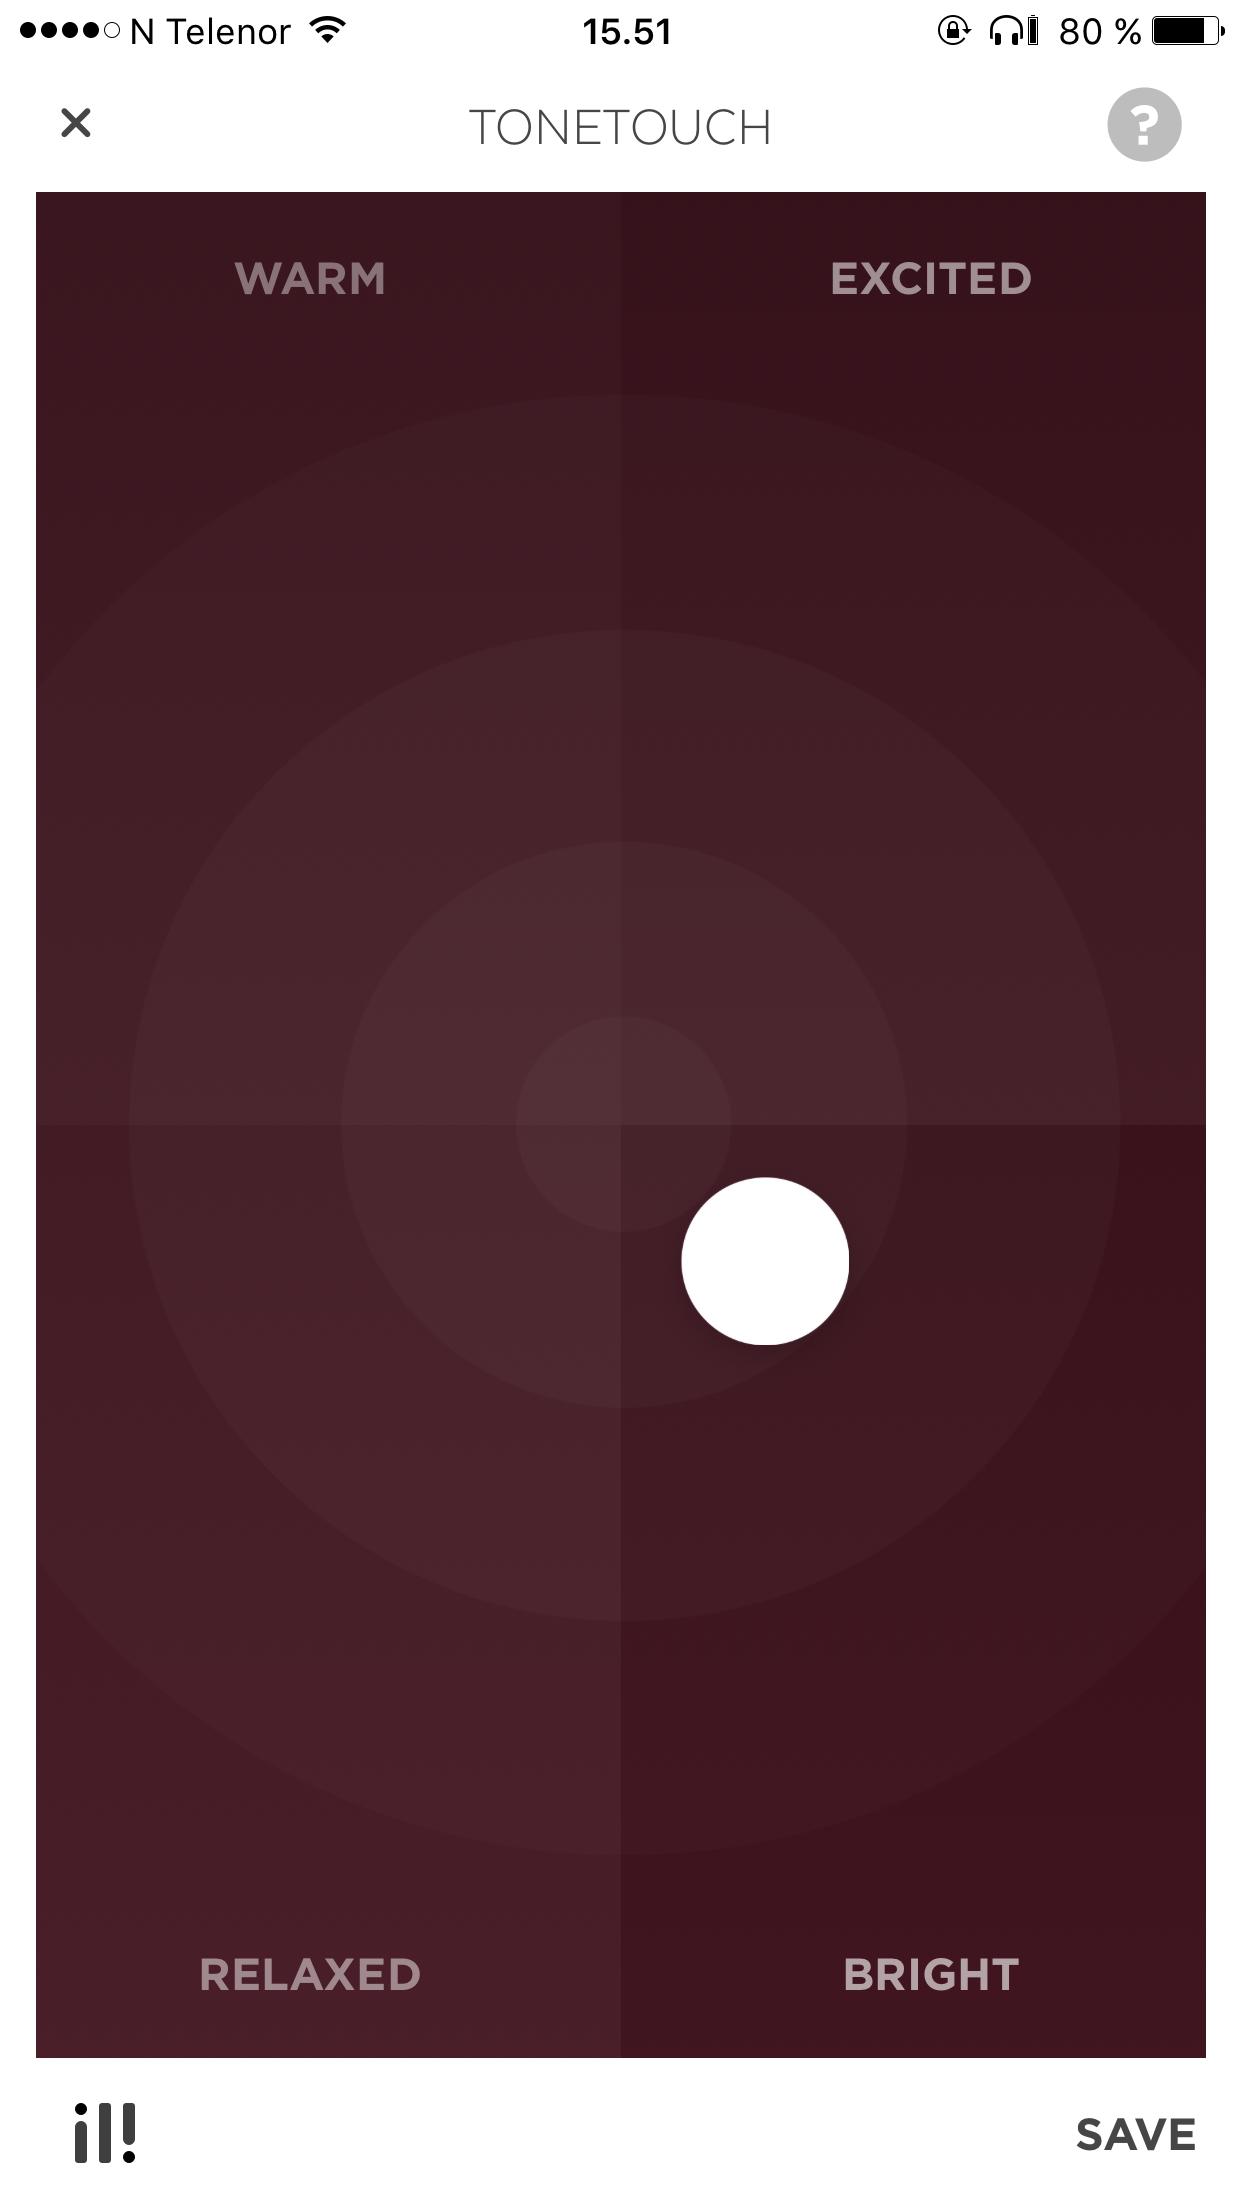 Bang & Olufsens Beoplay-app har en equalizer som lar deg finjustere lyden slik du vil ha den. Undertegnede foretrekker ørlite mer futt i diskanten enn hva de leverer ut av eska.